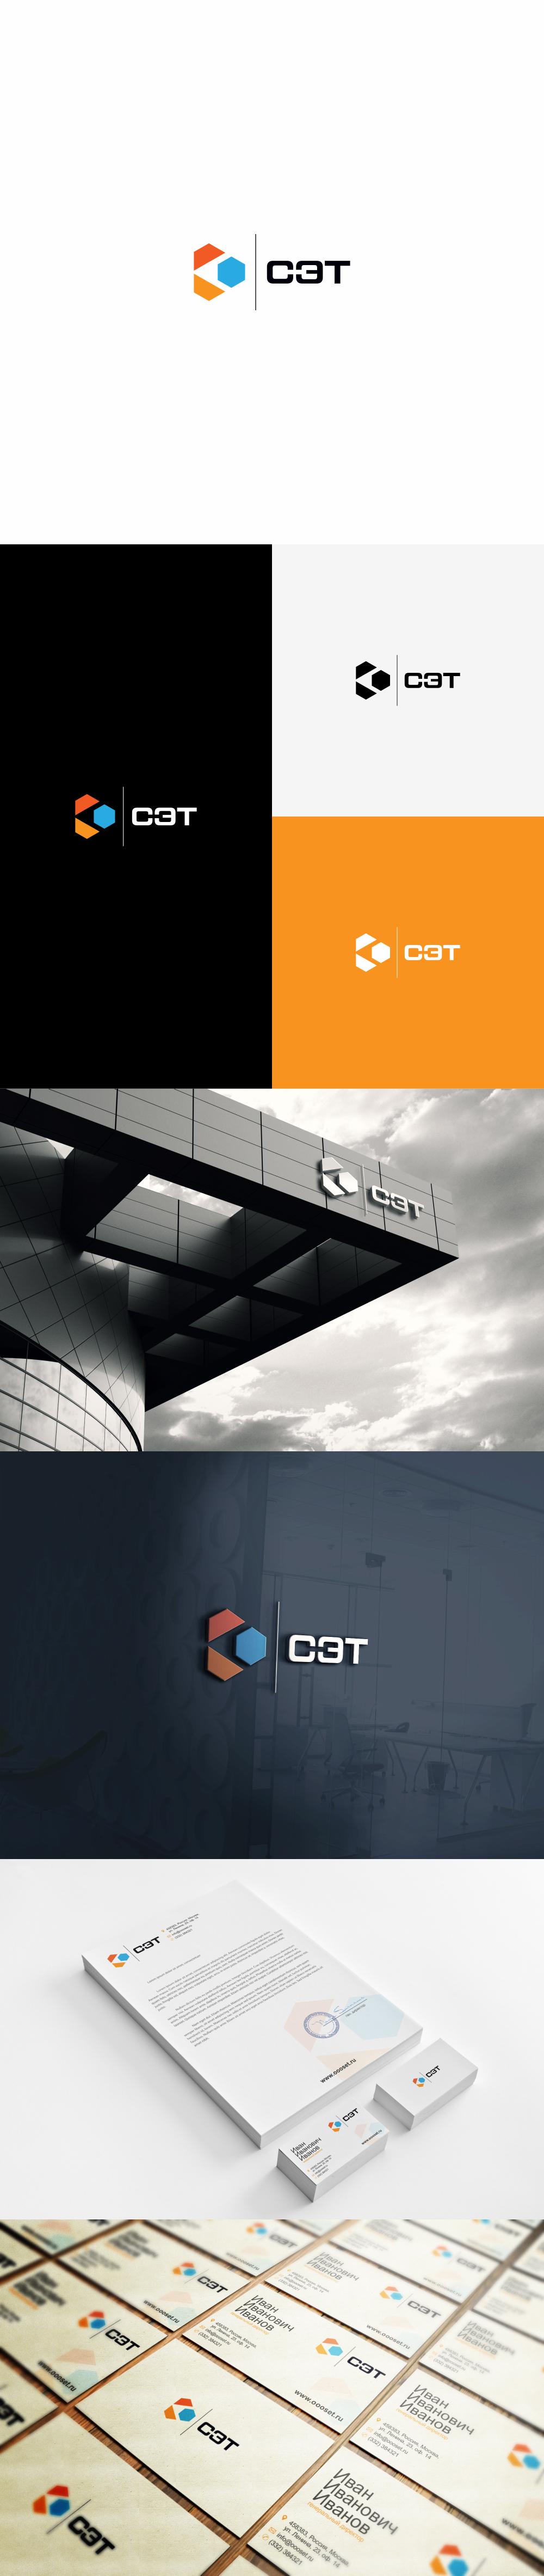 Срочно! Дизайн логотипа ООО «СЭТ» фото f_2585d530a24e011e.jpg